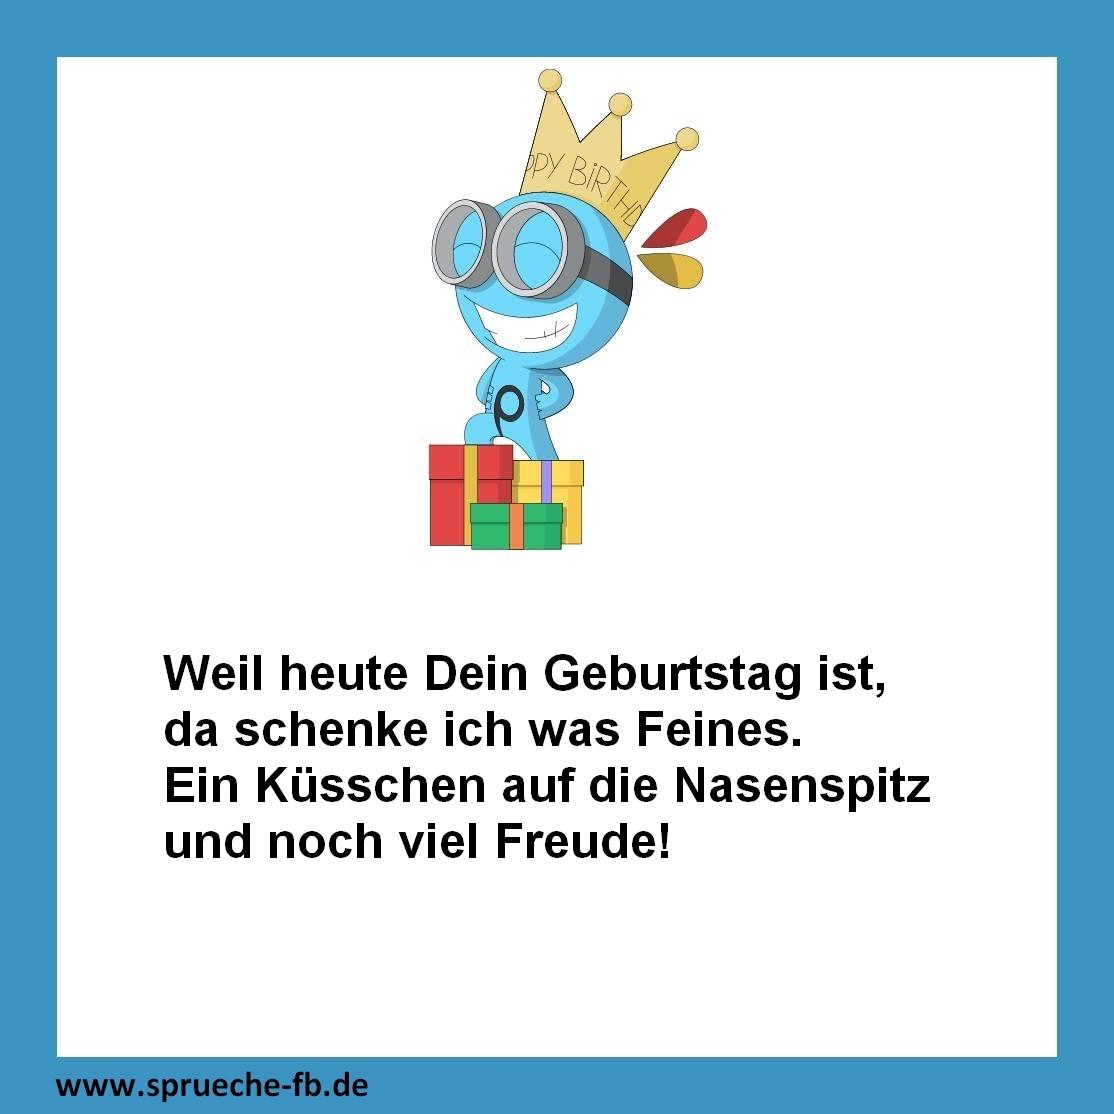 Ordinaire Geburtstags Sms Sprüche Bilder